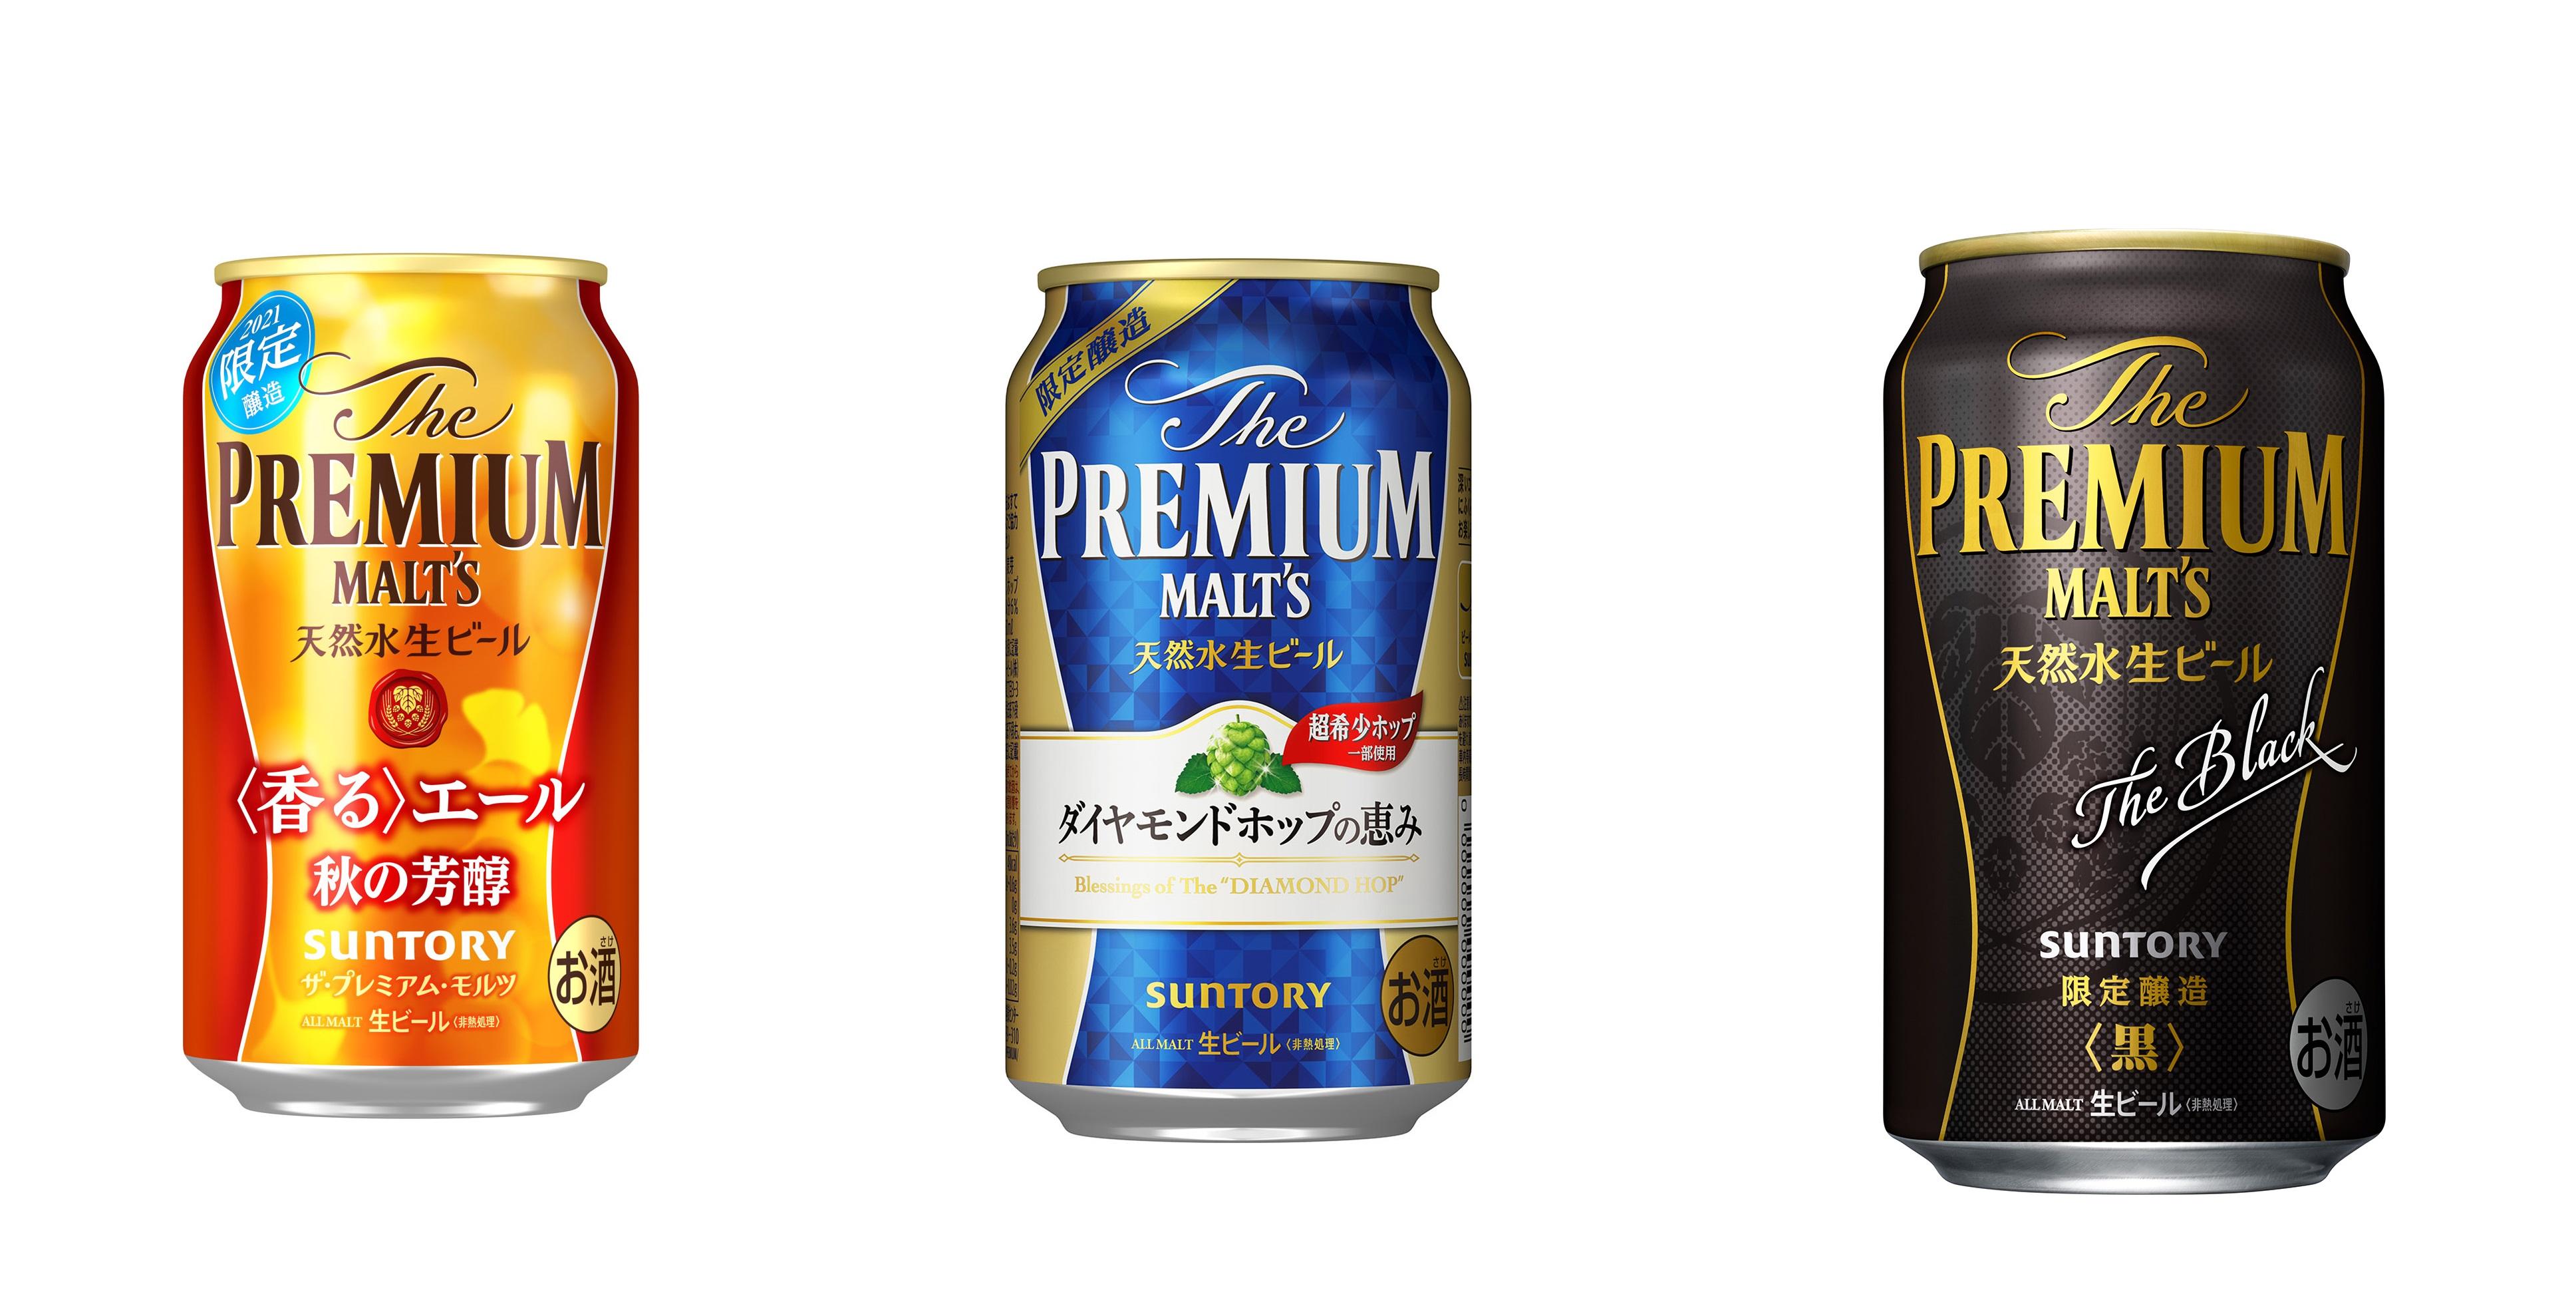 (左から)ザ・プレミアム・モルツ 香るエール、ザ・プレミアム・モルツ ダイヤモンドホップの恵み、ザ・プレミアム・モルツ〈黒〉